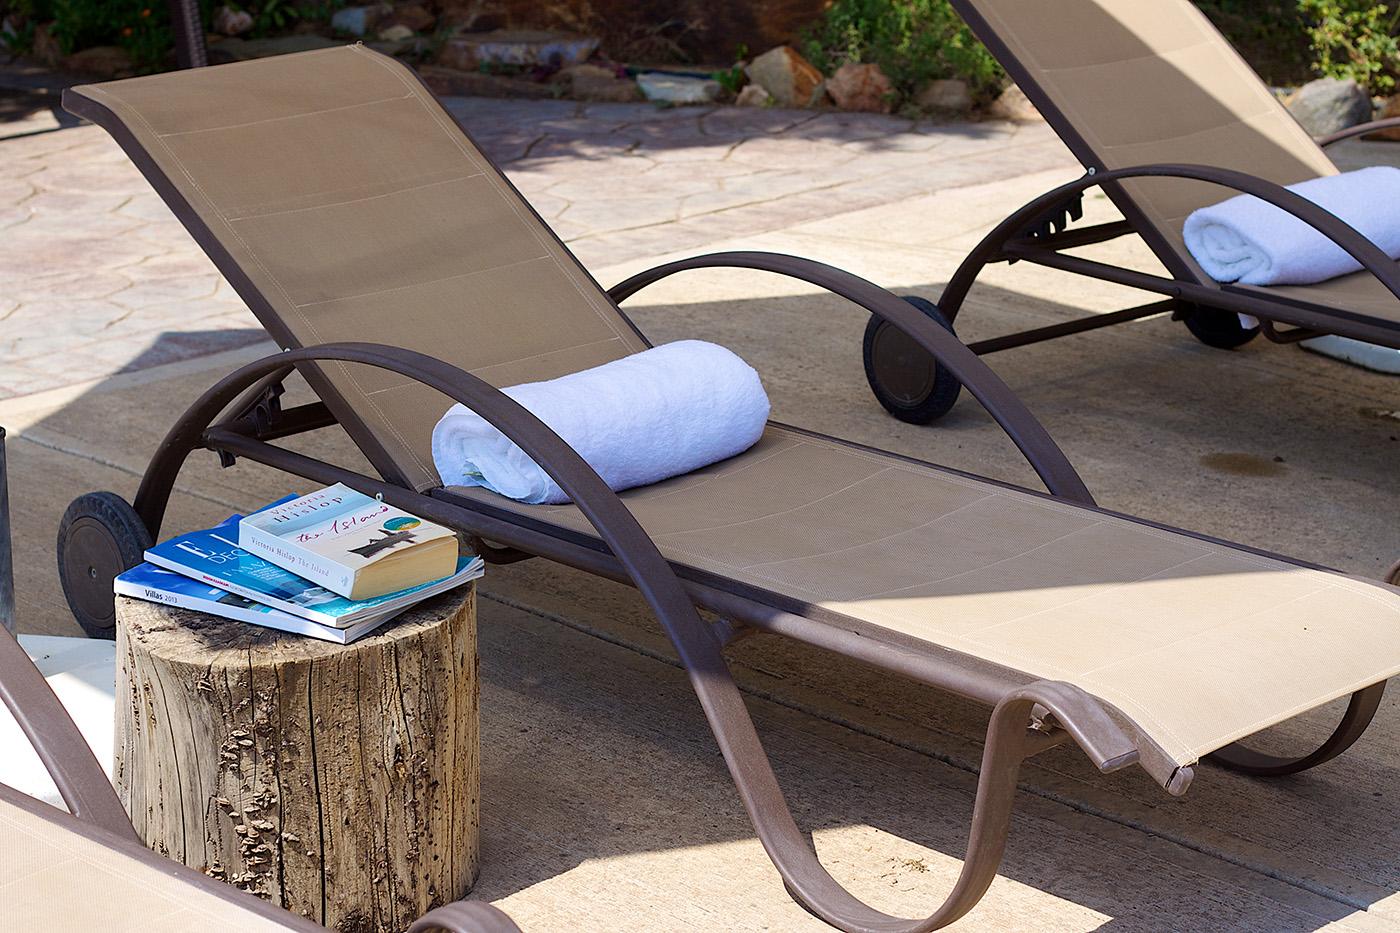 Outdoors - Enjoy sunbathing in our pool side!